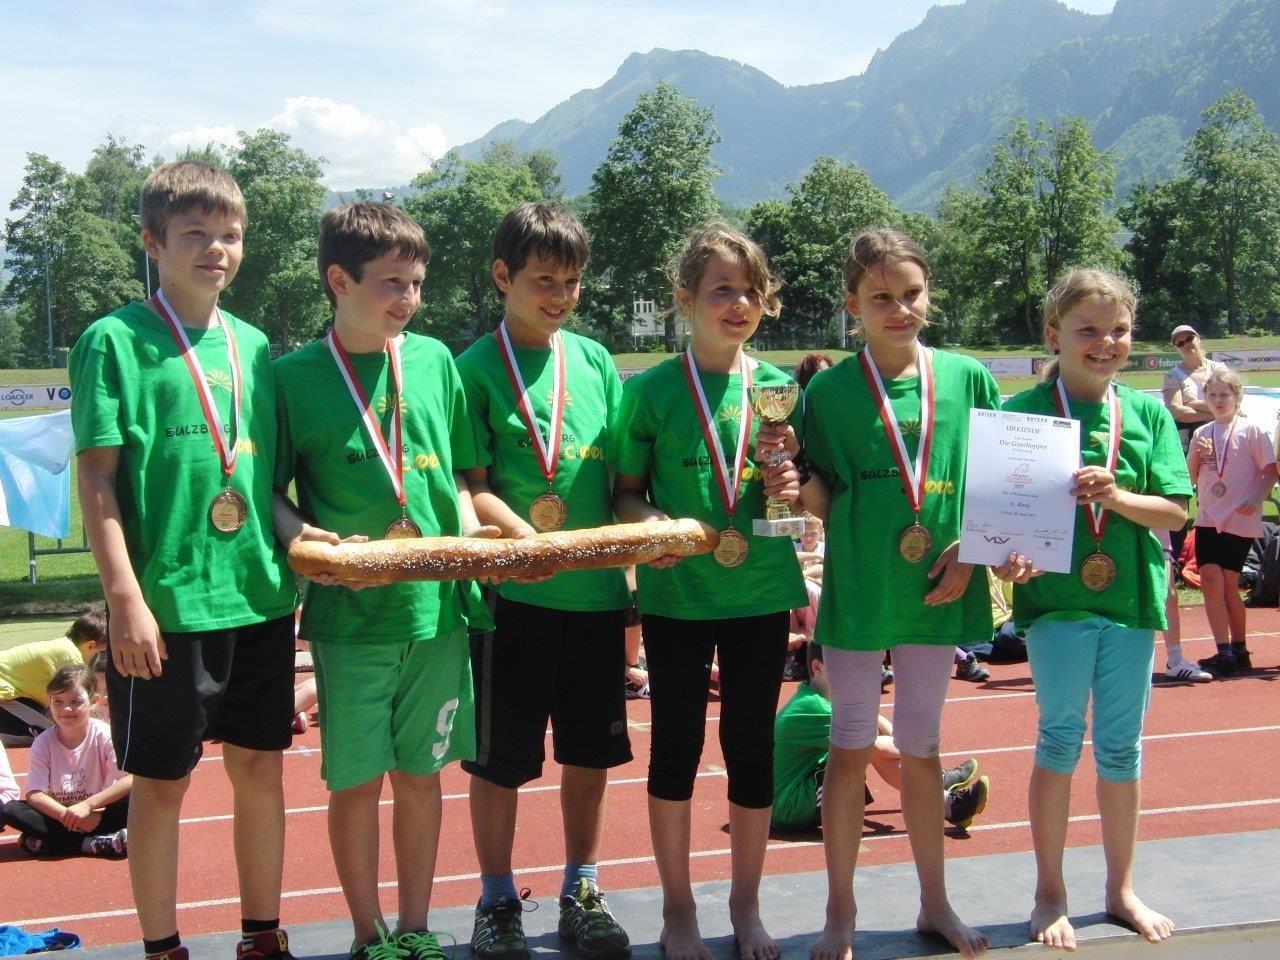 Beachtliche Leistungen erbrachten die Kids bei der 4. VS Olympiade im Möslestadion.